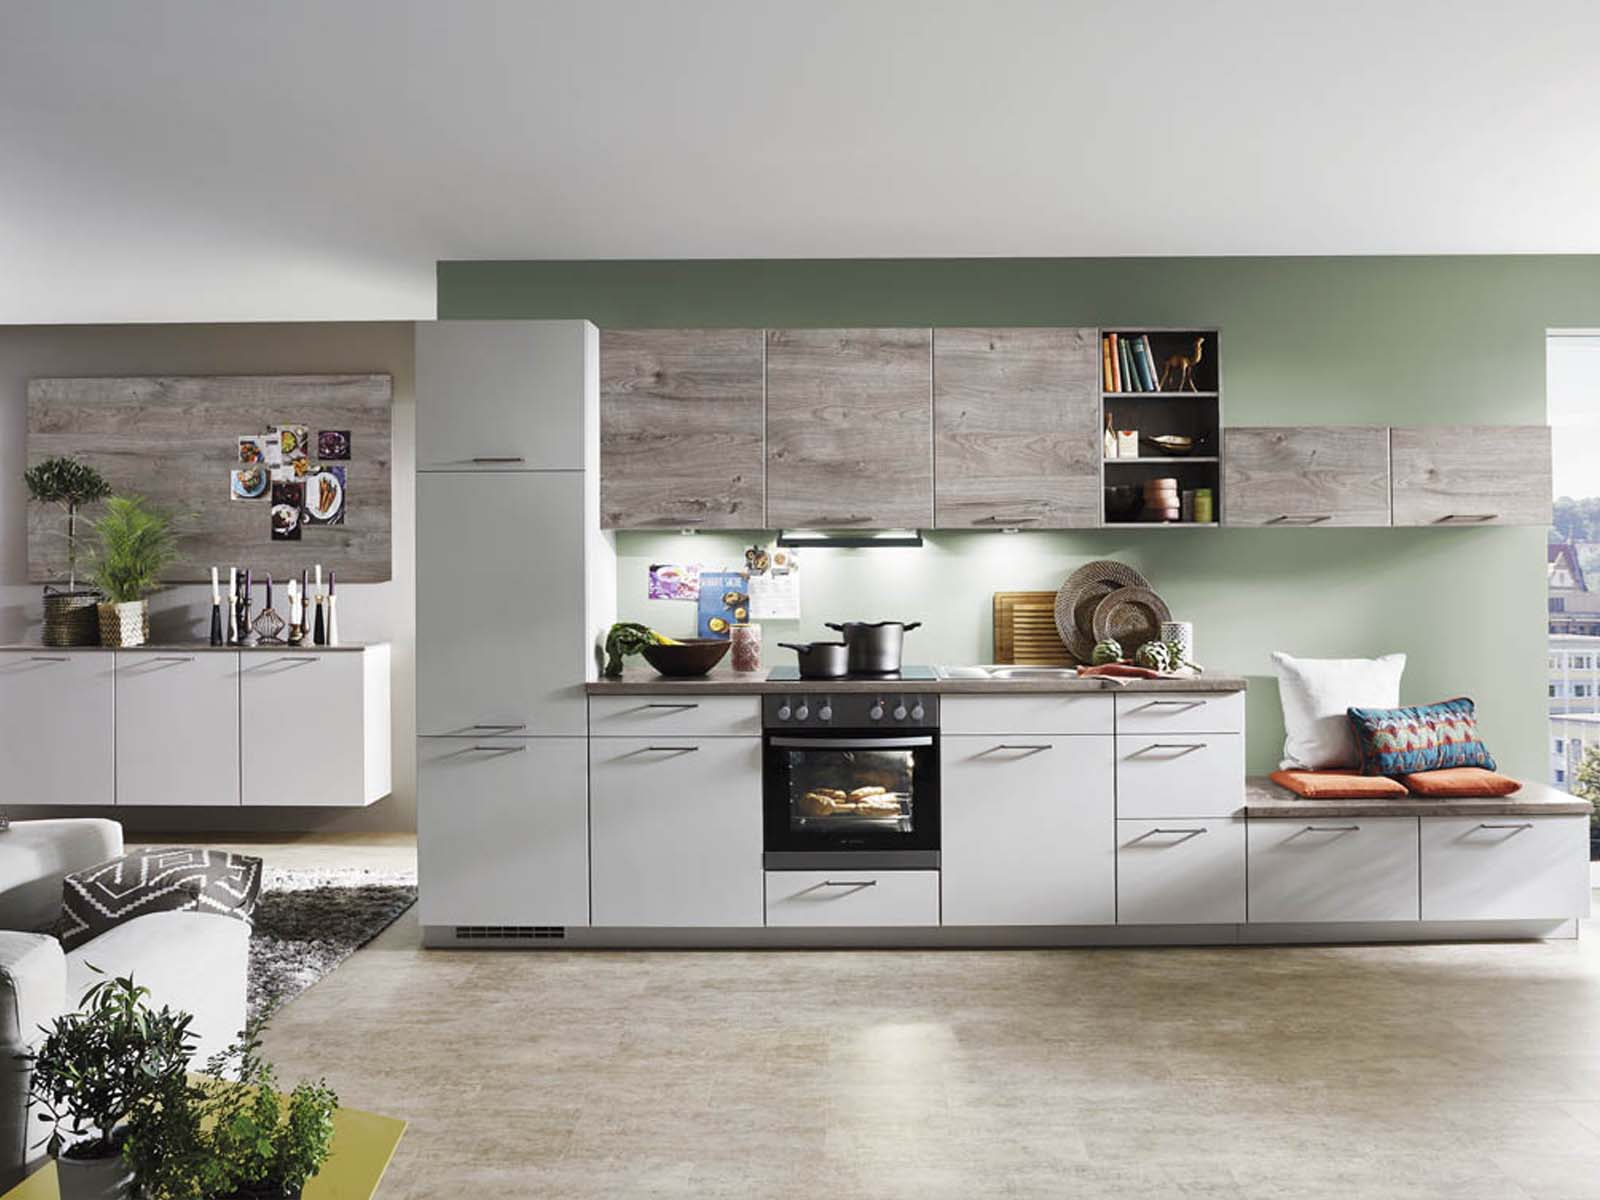 Modern Kitchen Küchentime Touch 338